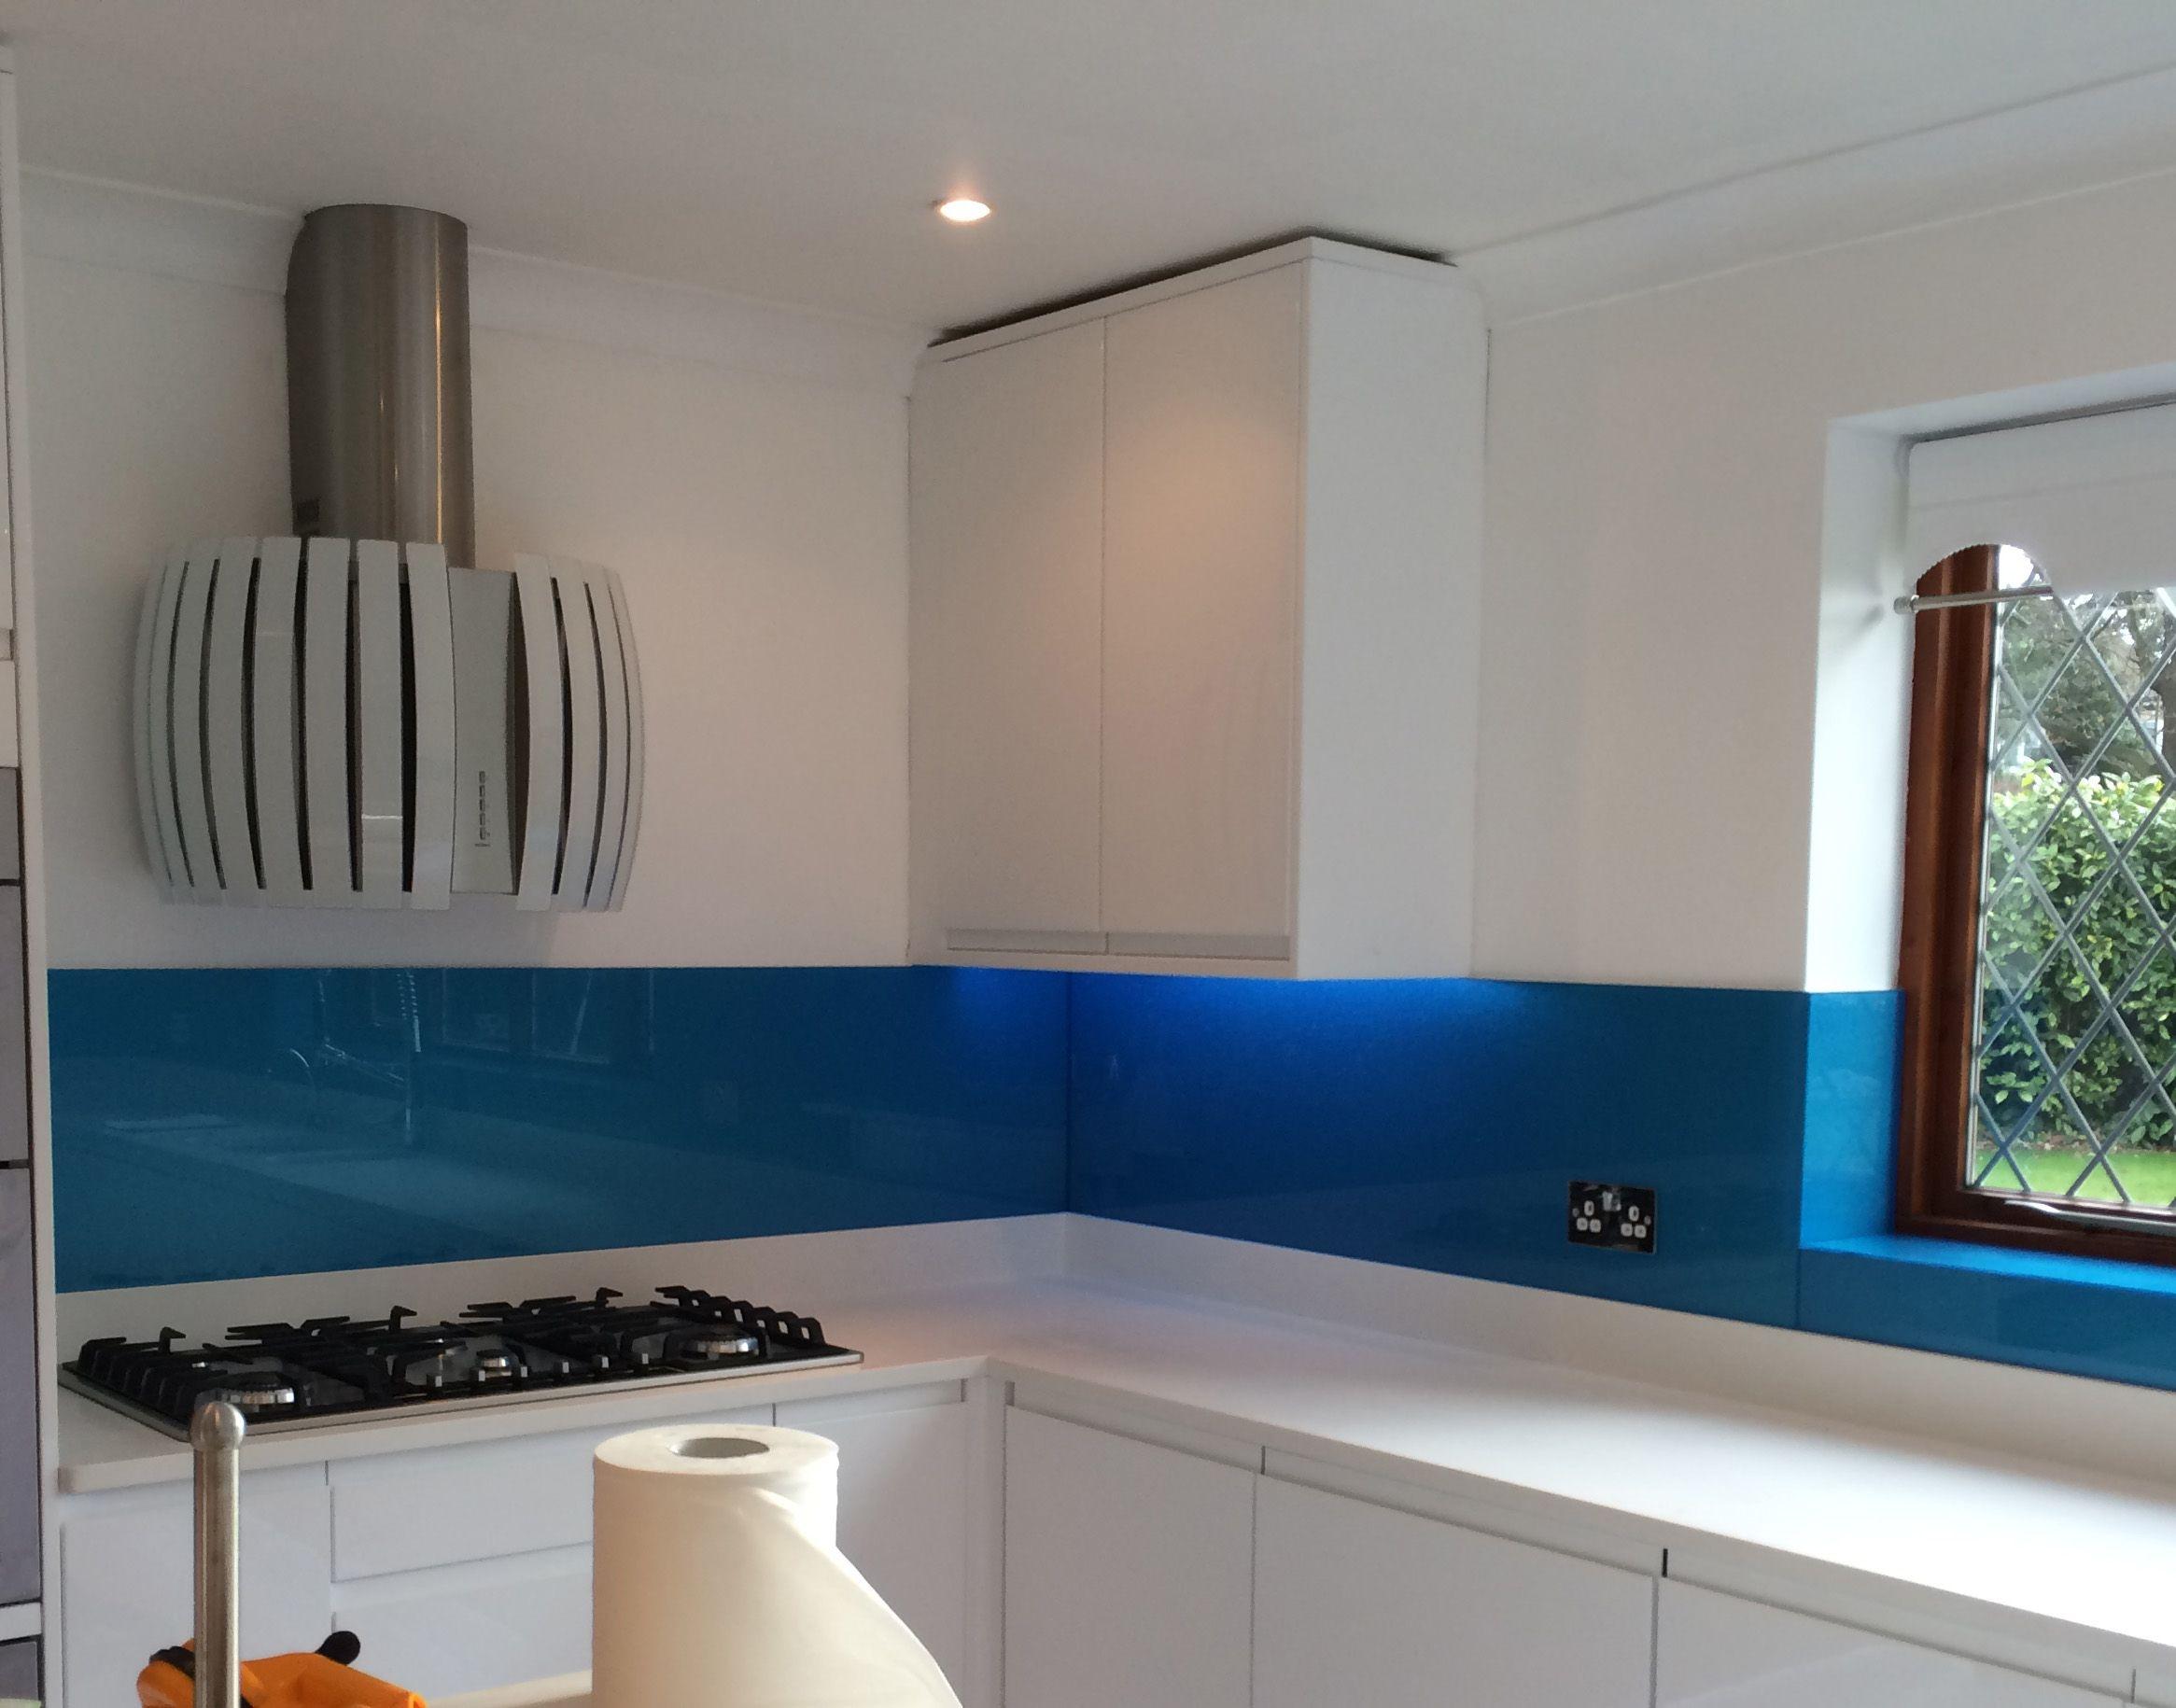 Glass splashbacks for bathroom sinks - Blue Glass Splashback Fitted By Easy Glass Splashbacks Showing Window Reveals